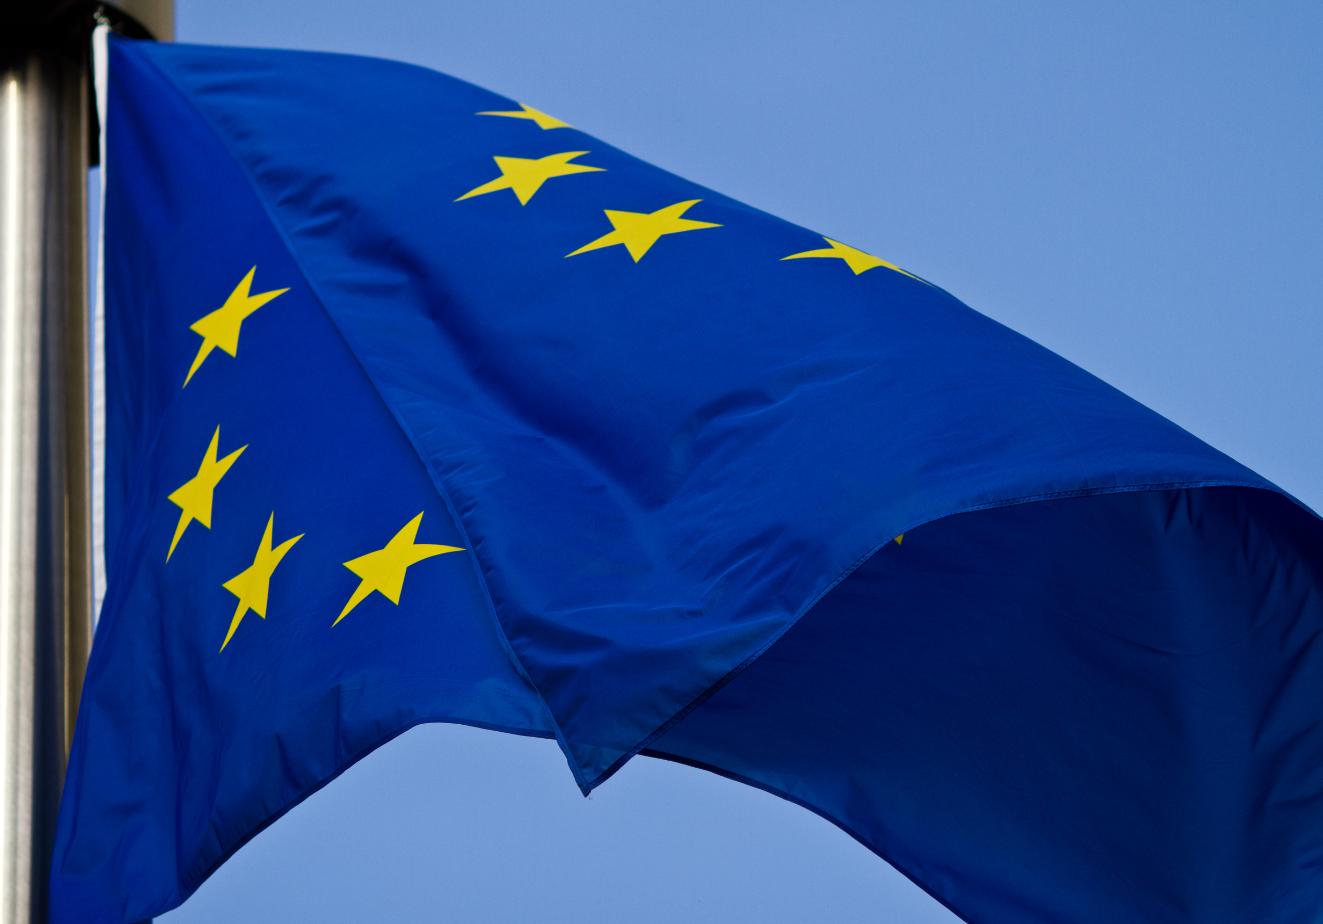 Læs om europæisk samarbejde i Venstres principprogram.